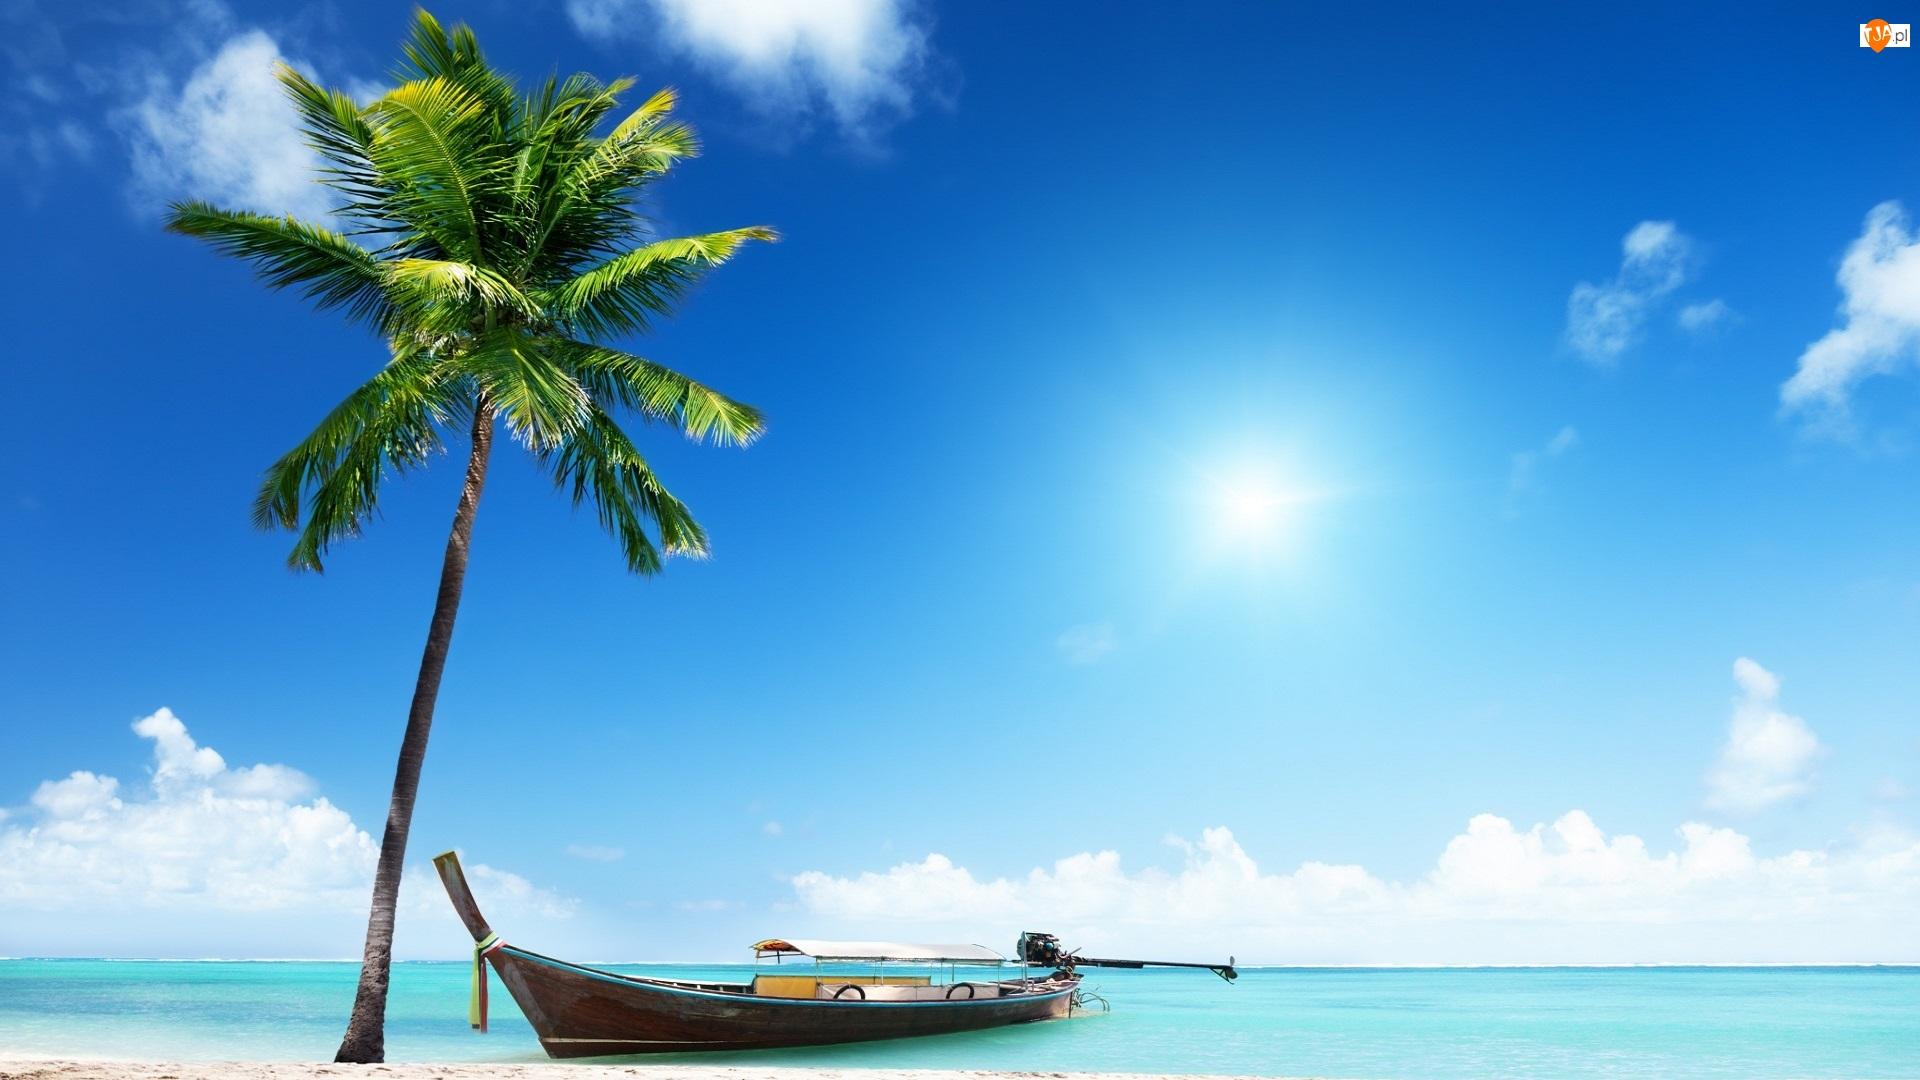 Lato, Morze, Palma, Łódka, Niebo